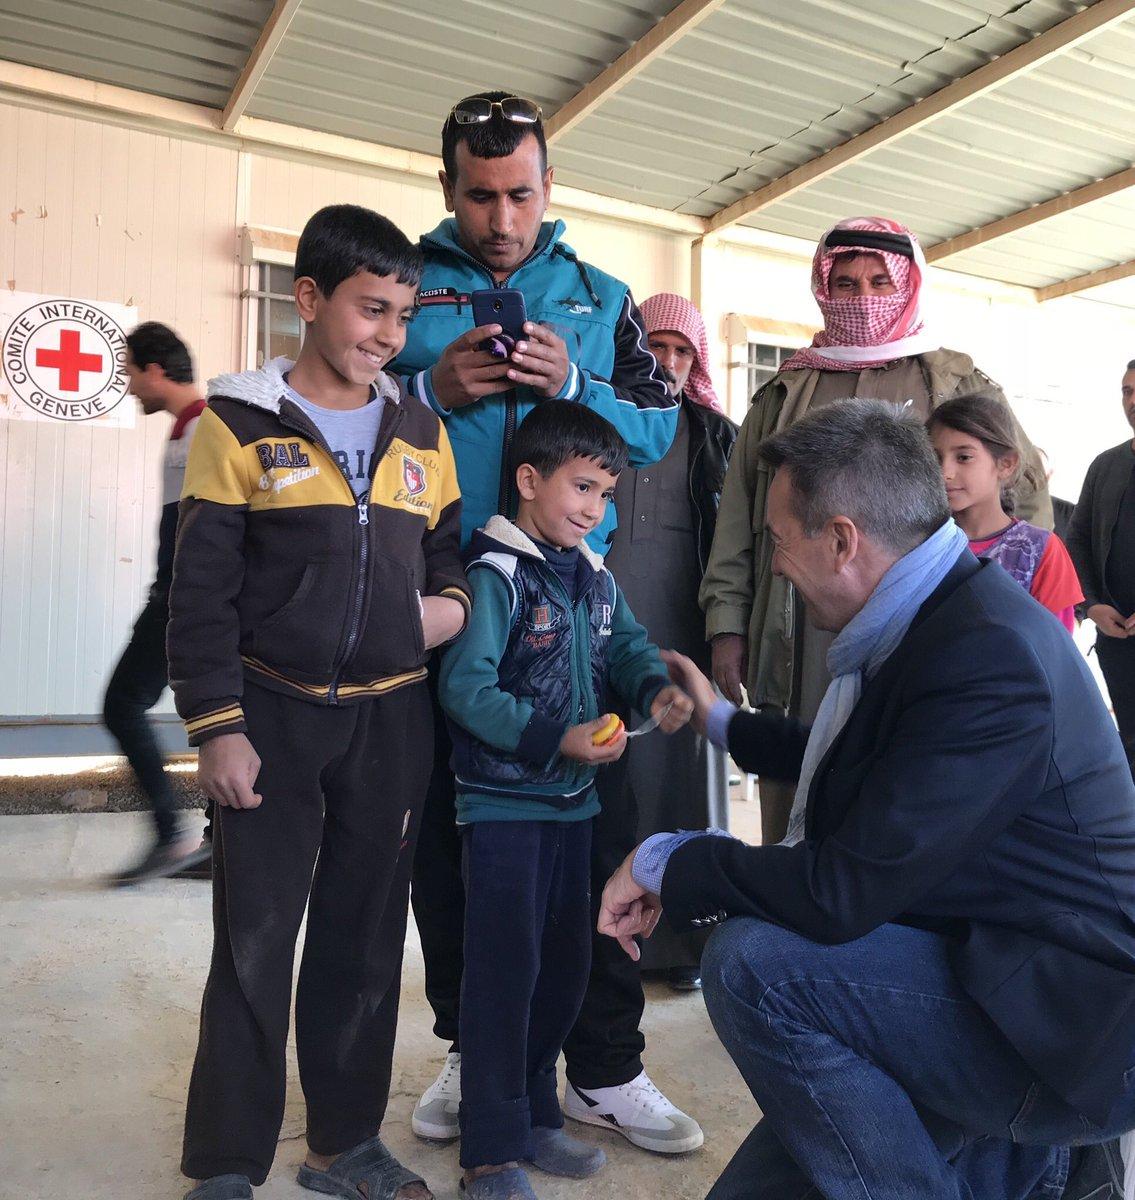 أطفال لاجئون يروون قصص مفعمة بالأمل في مكتب البحث عن المفقودين التابع للجنة الدولية للصليب الأحمر في مخيم الأزرق للاجئين في #الأردن. أكثر من 15,000 مكالمة هاتفية تم اجراؤها مع أحبائهم في الخارج في 2018.